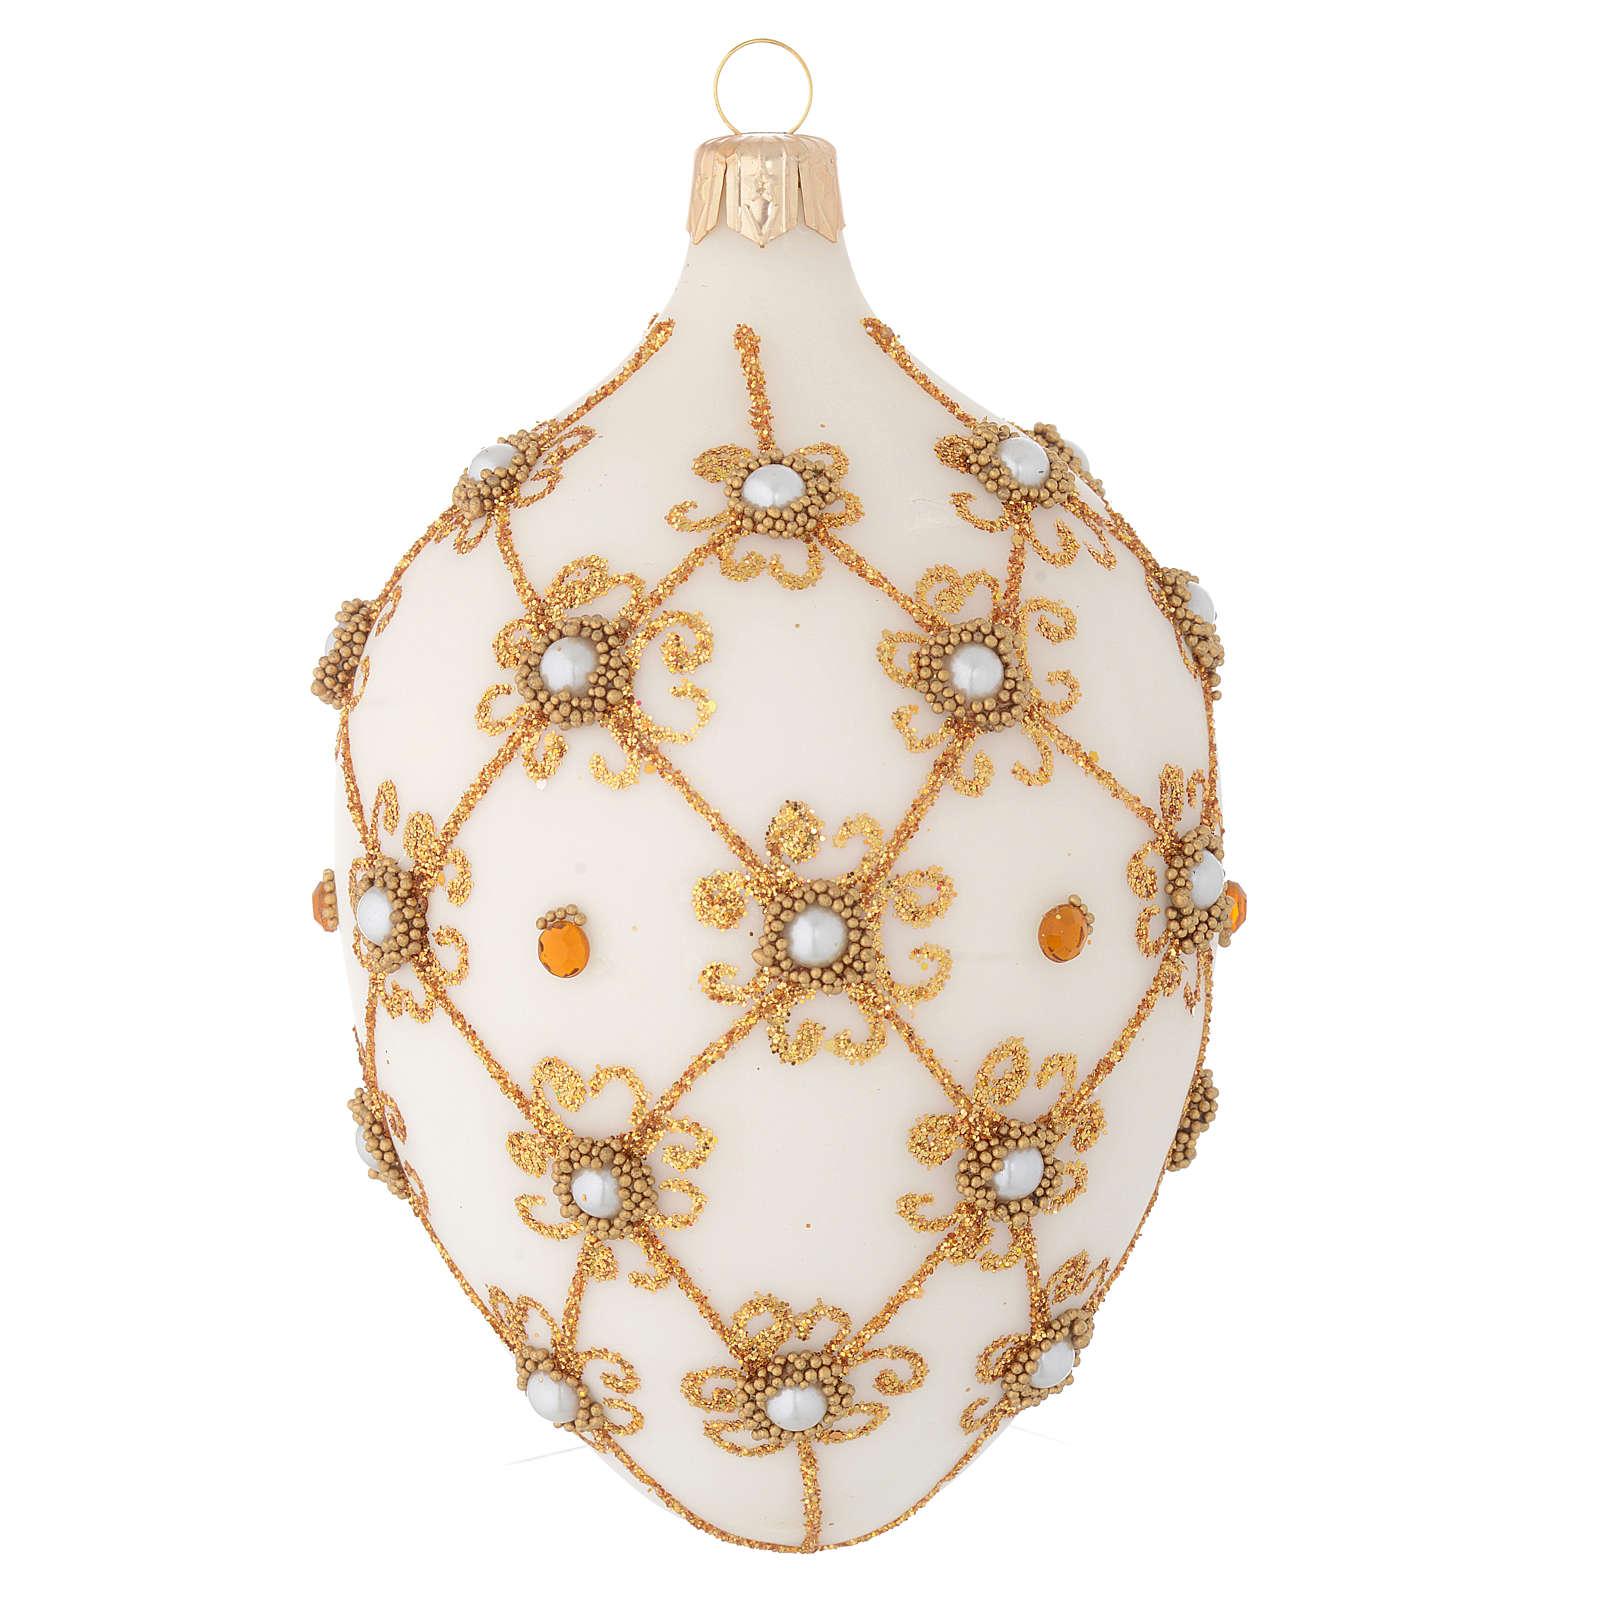 Boule ovale verre soufflé ivoire et or 130 mm 4